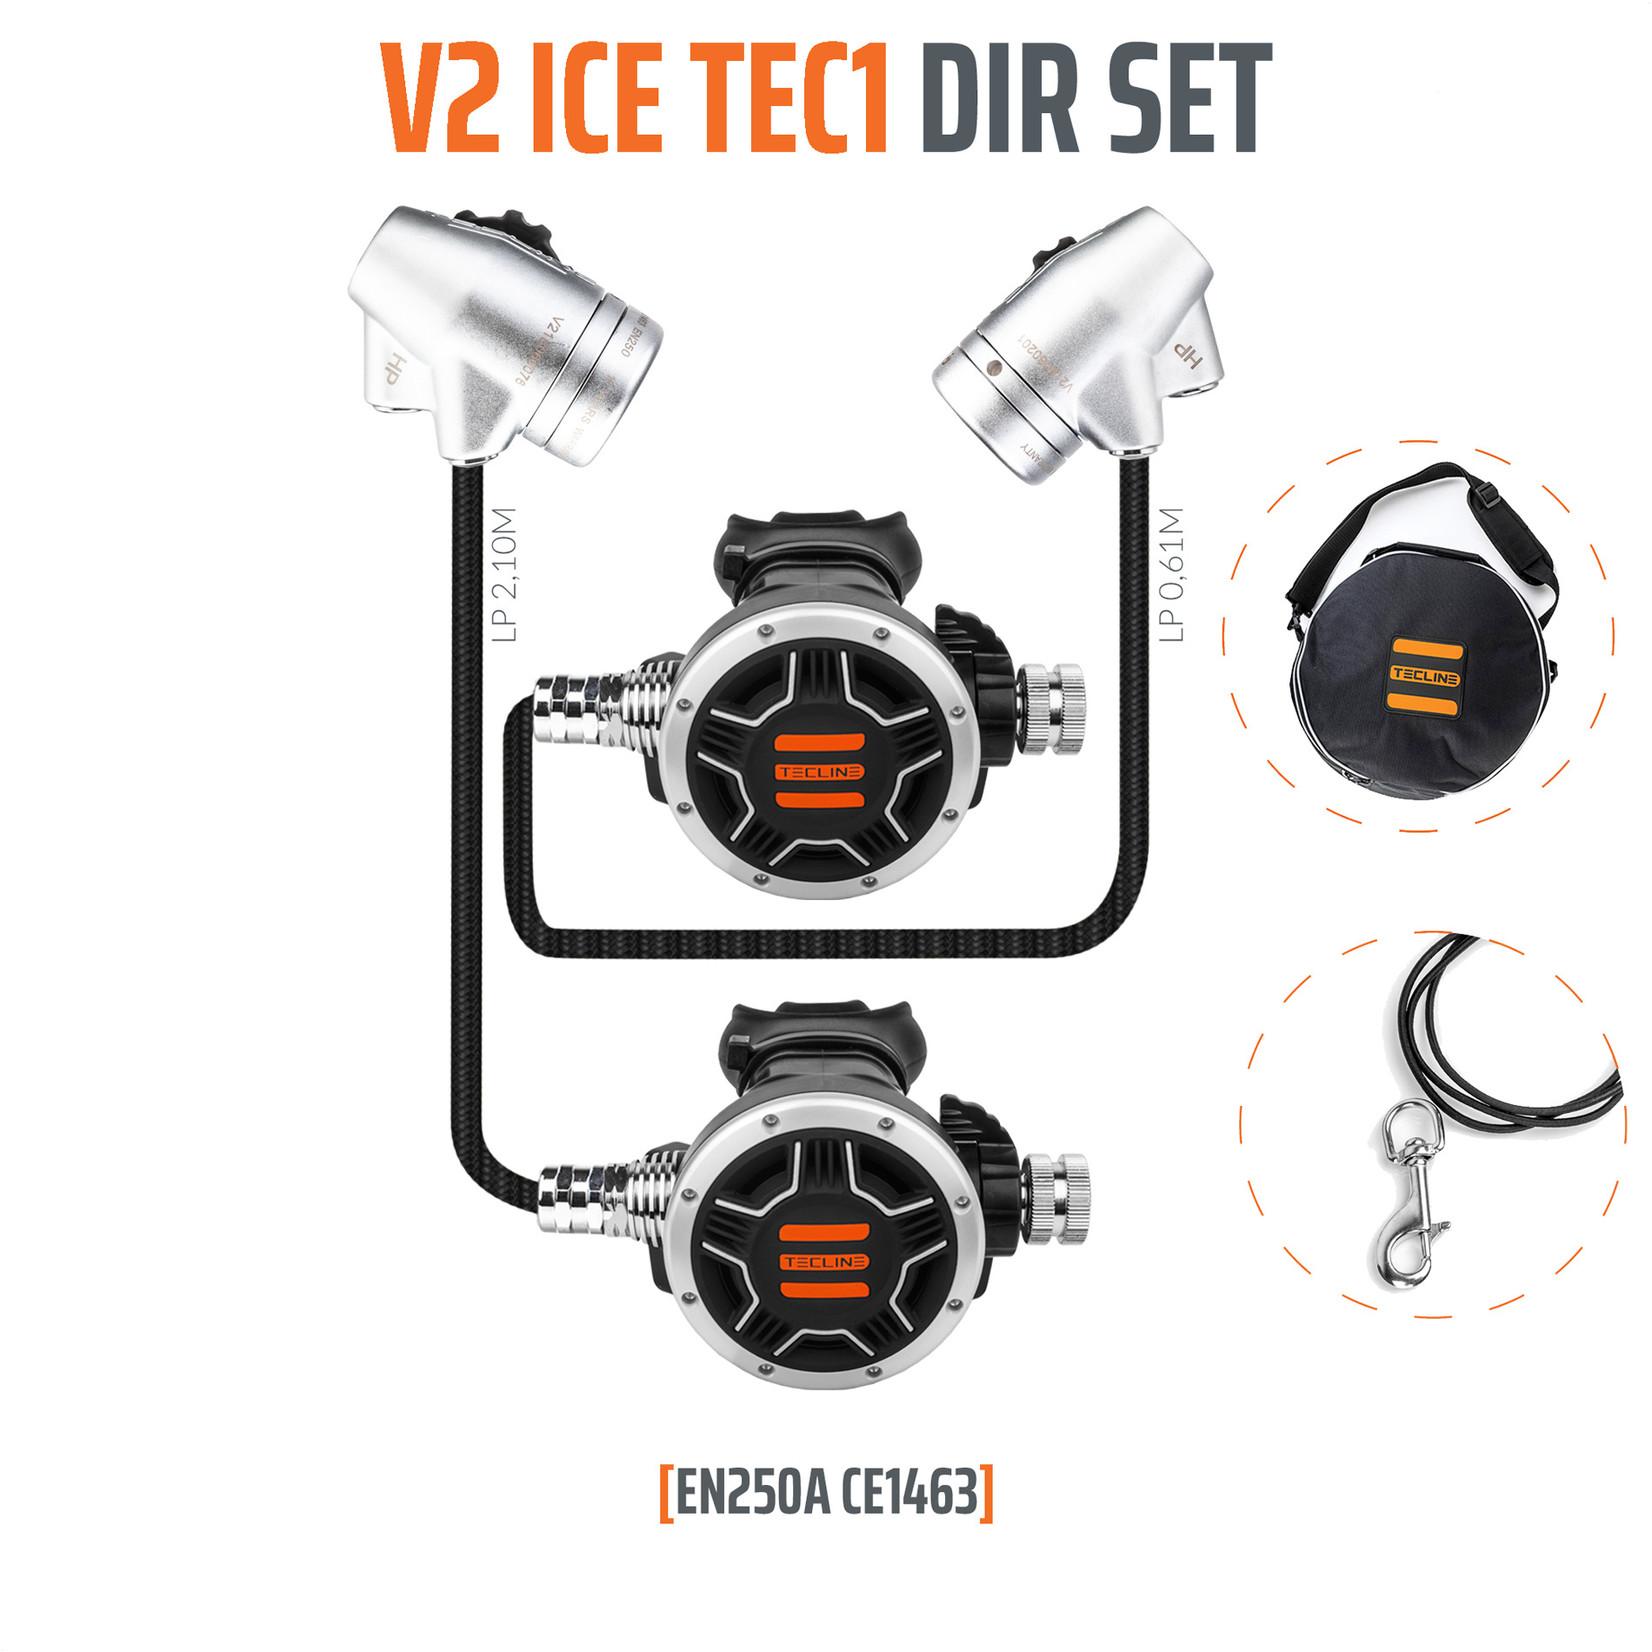 Tecline Regulator V2 ICE TEC1 DIR Set - EN250A